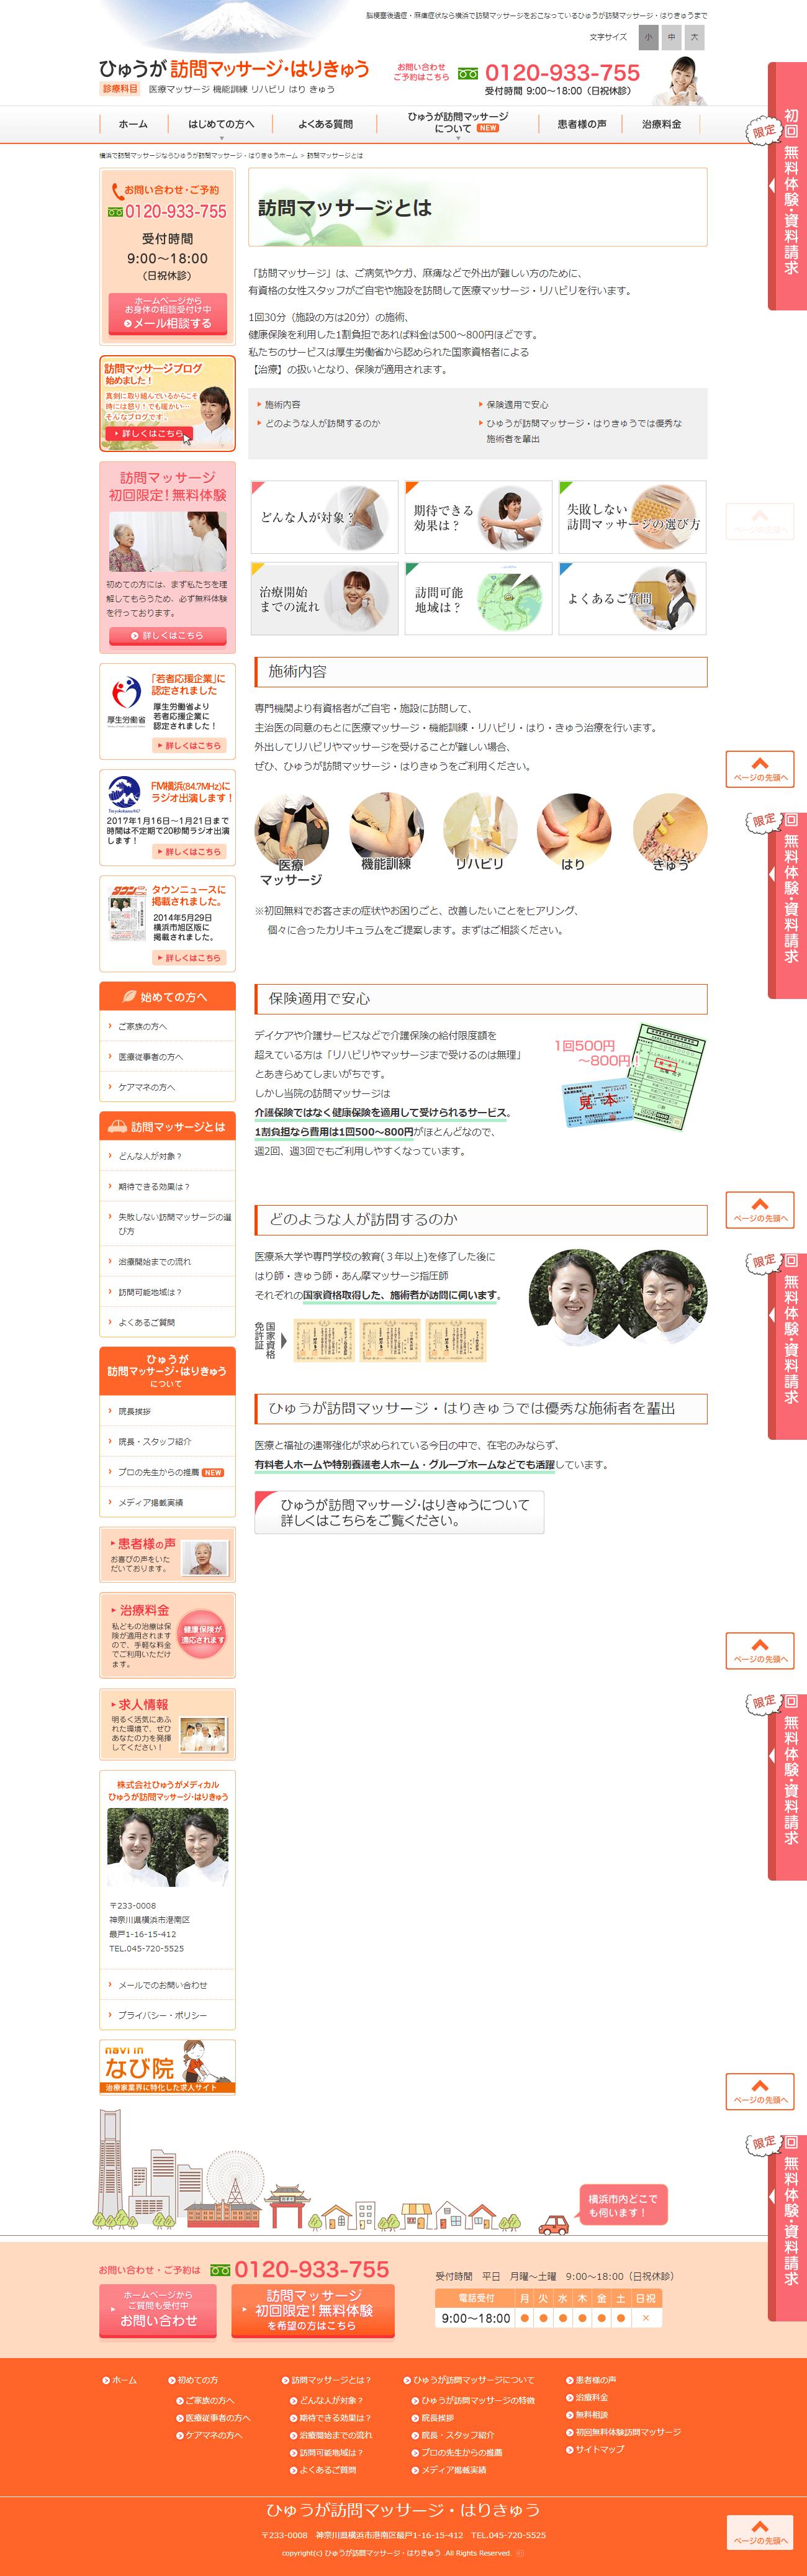 横浜市 ひゅうが訪問マッサージ様 ホームページ制作2